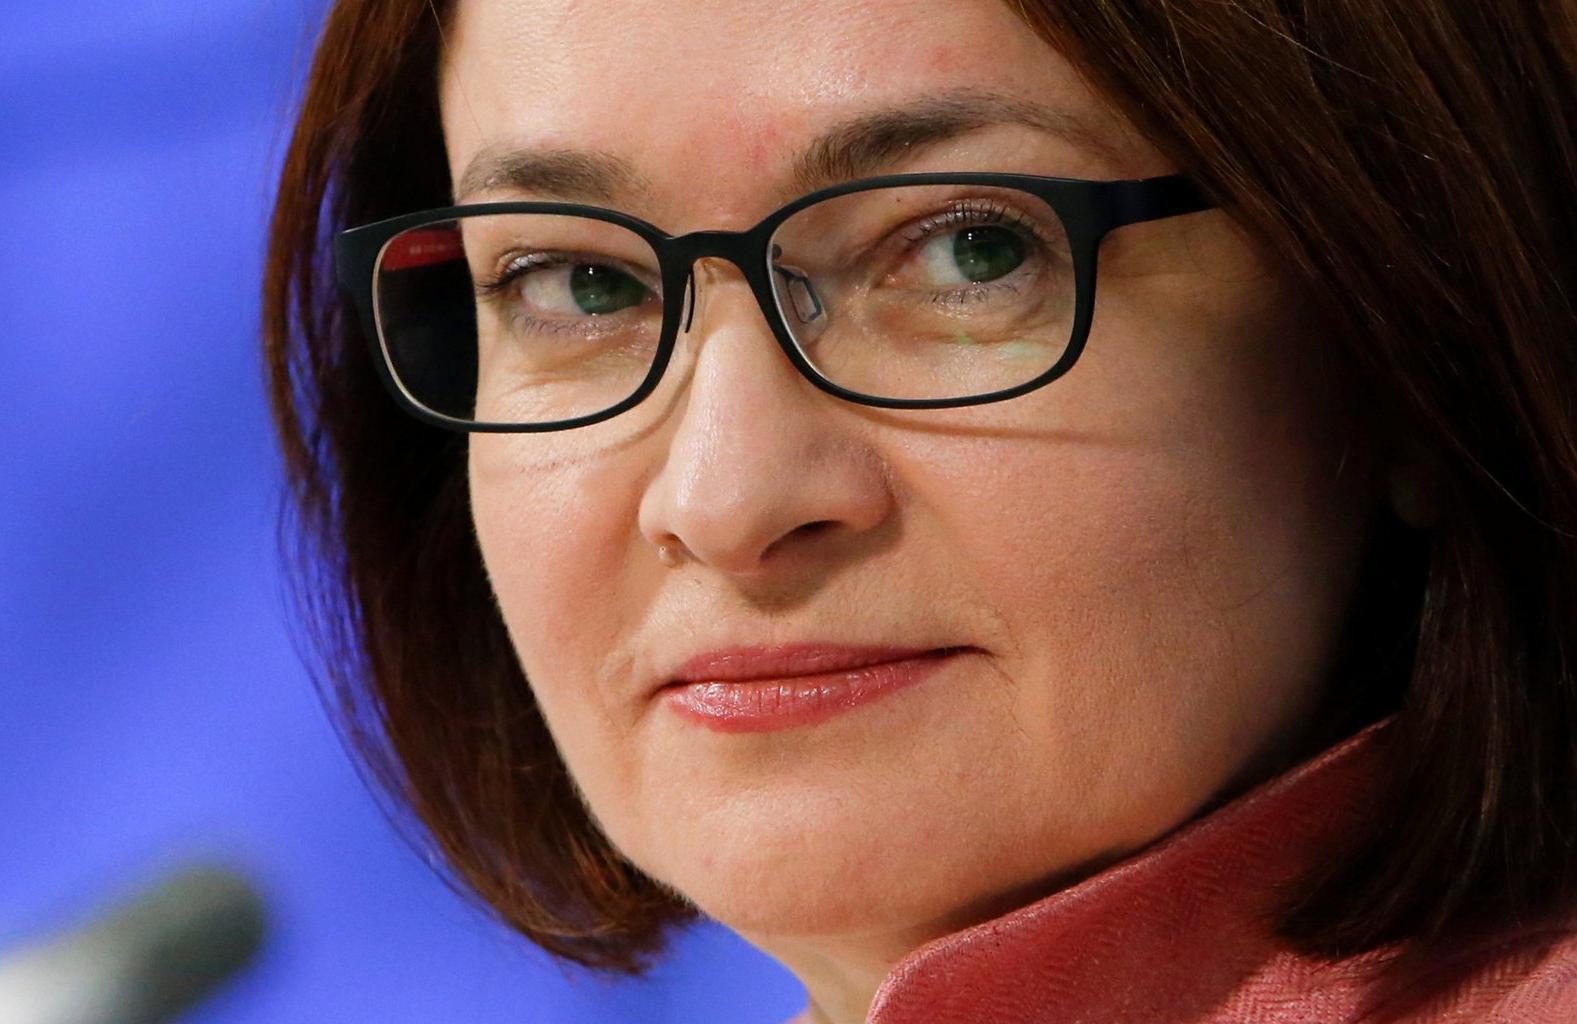 Глава Банка России проведет открытый онлайн-урок для школьников  - новости Афанасий